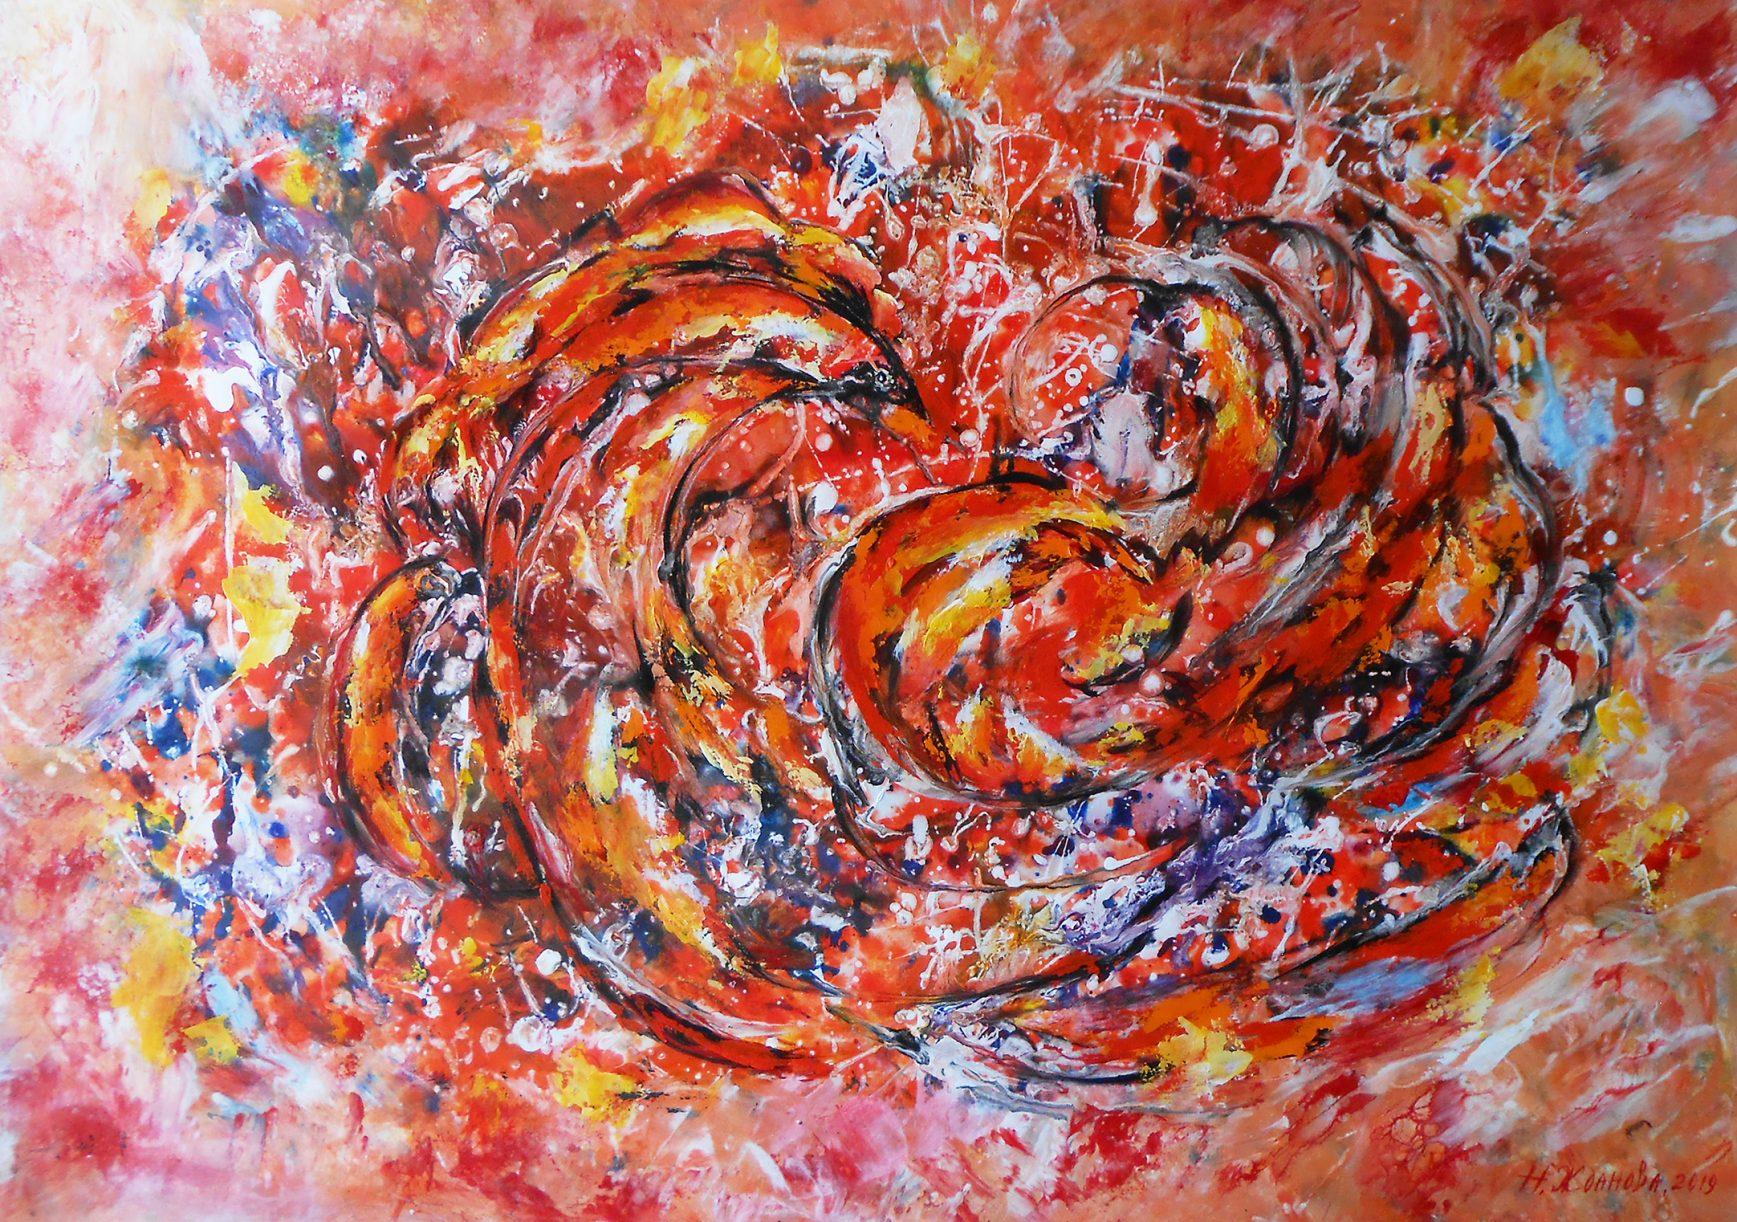 Абстрактная картина Жар птица, современная живопись абстракция птица Феникс